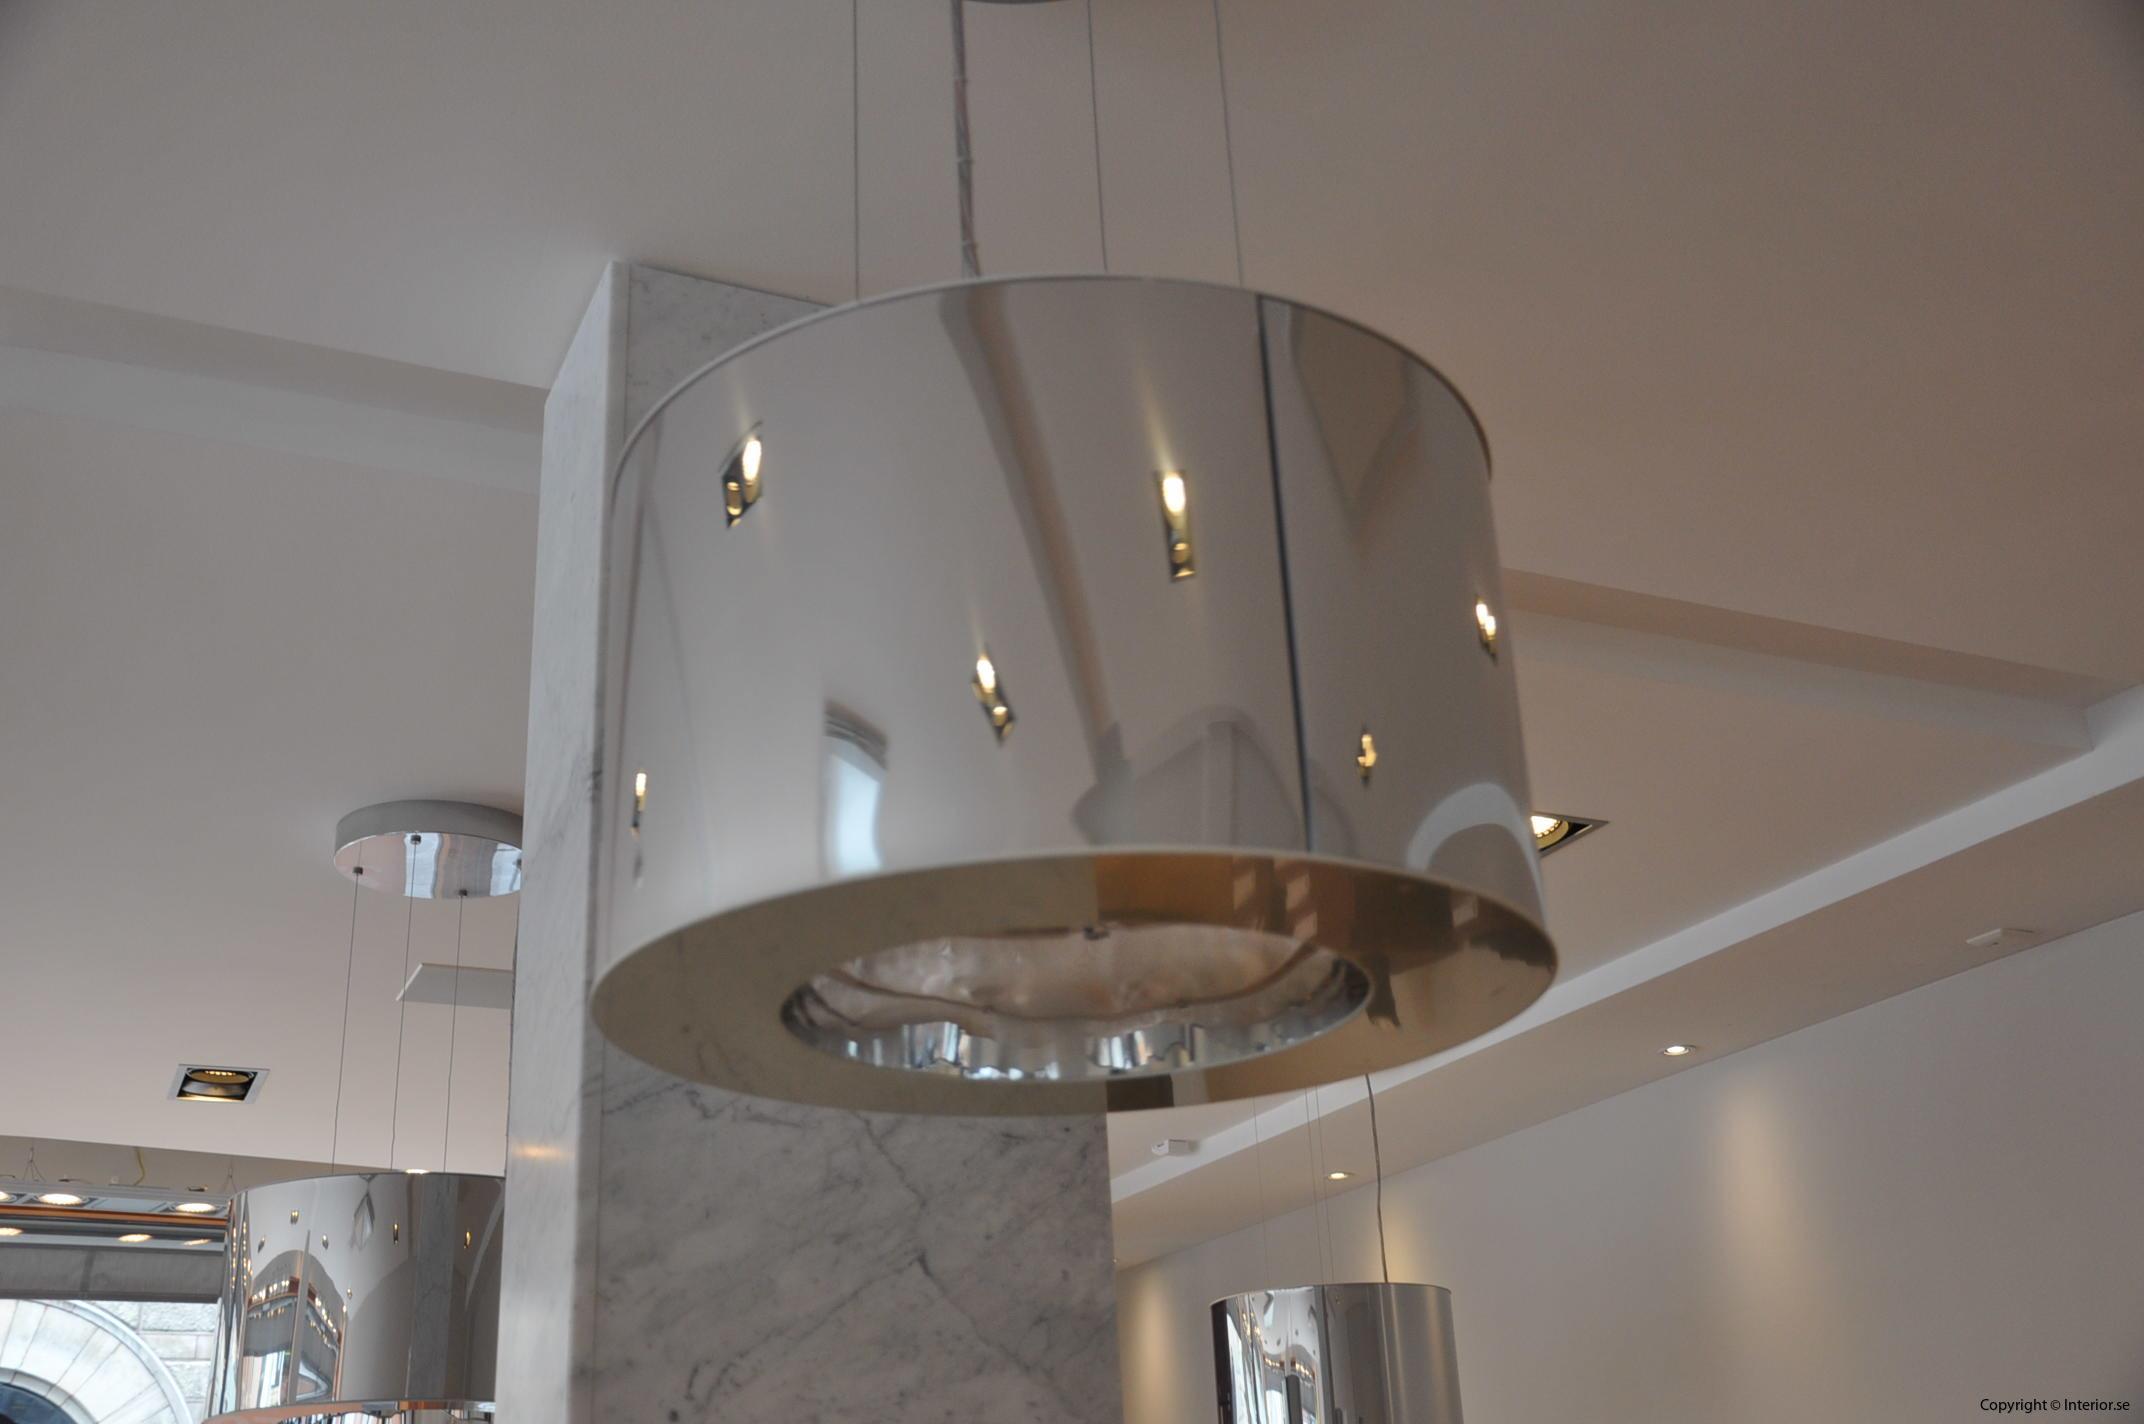 Pendel, Artemide Tian Xia 500 50 cm LED - Carlotta de Bevilacqua (2)